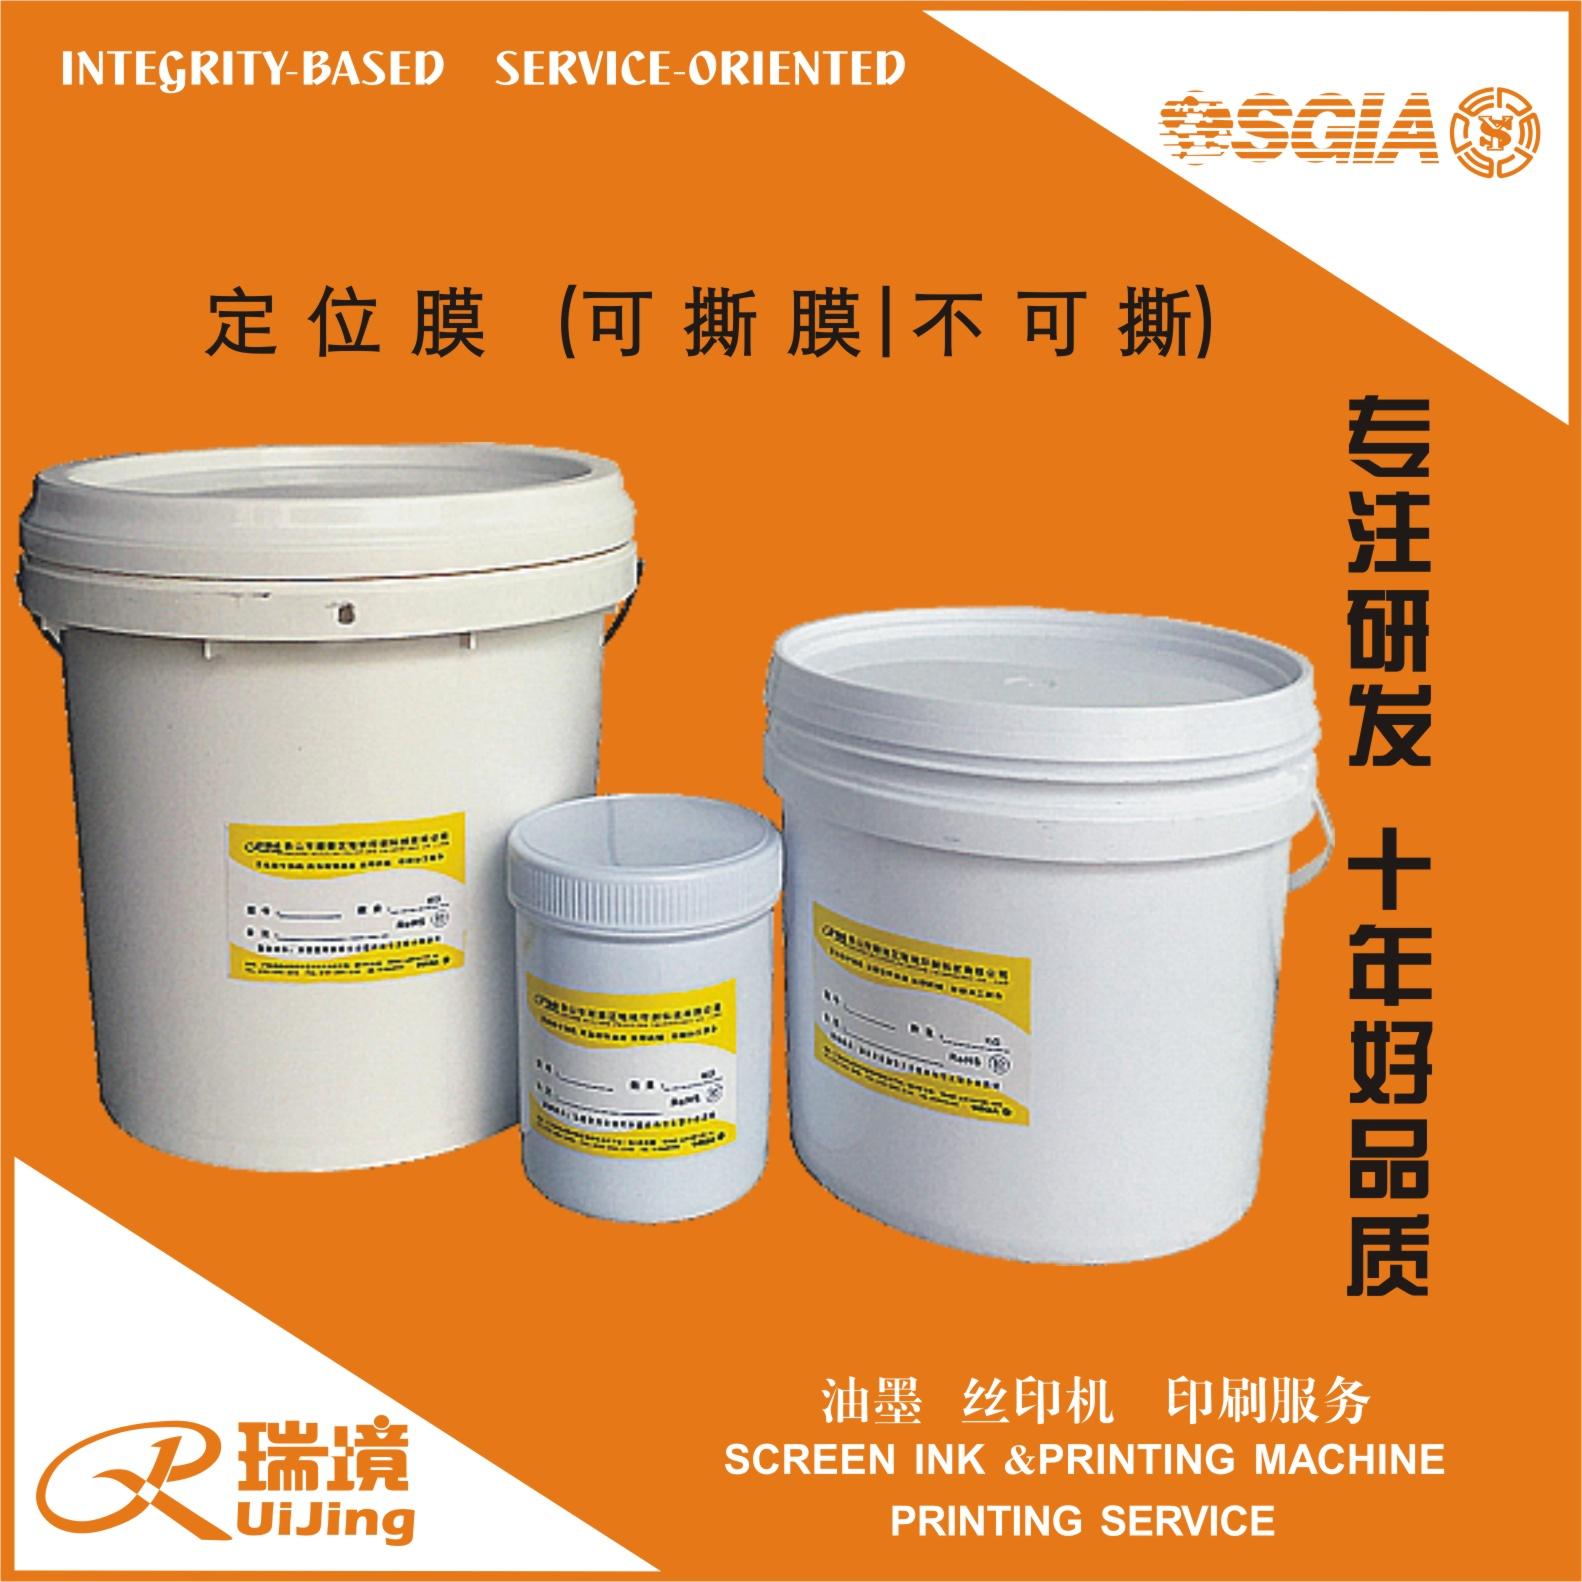 瑞境大量供应可剥保护胶可剥隔离胶水转印可撕膜水转印定位膜批发